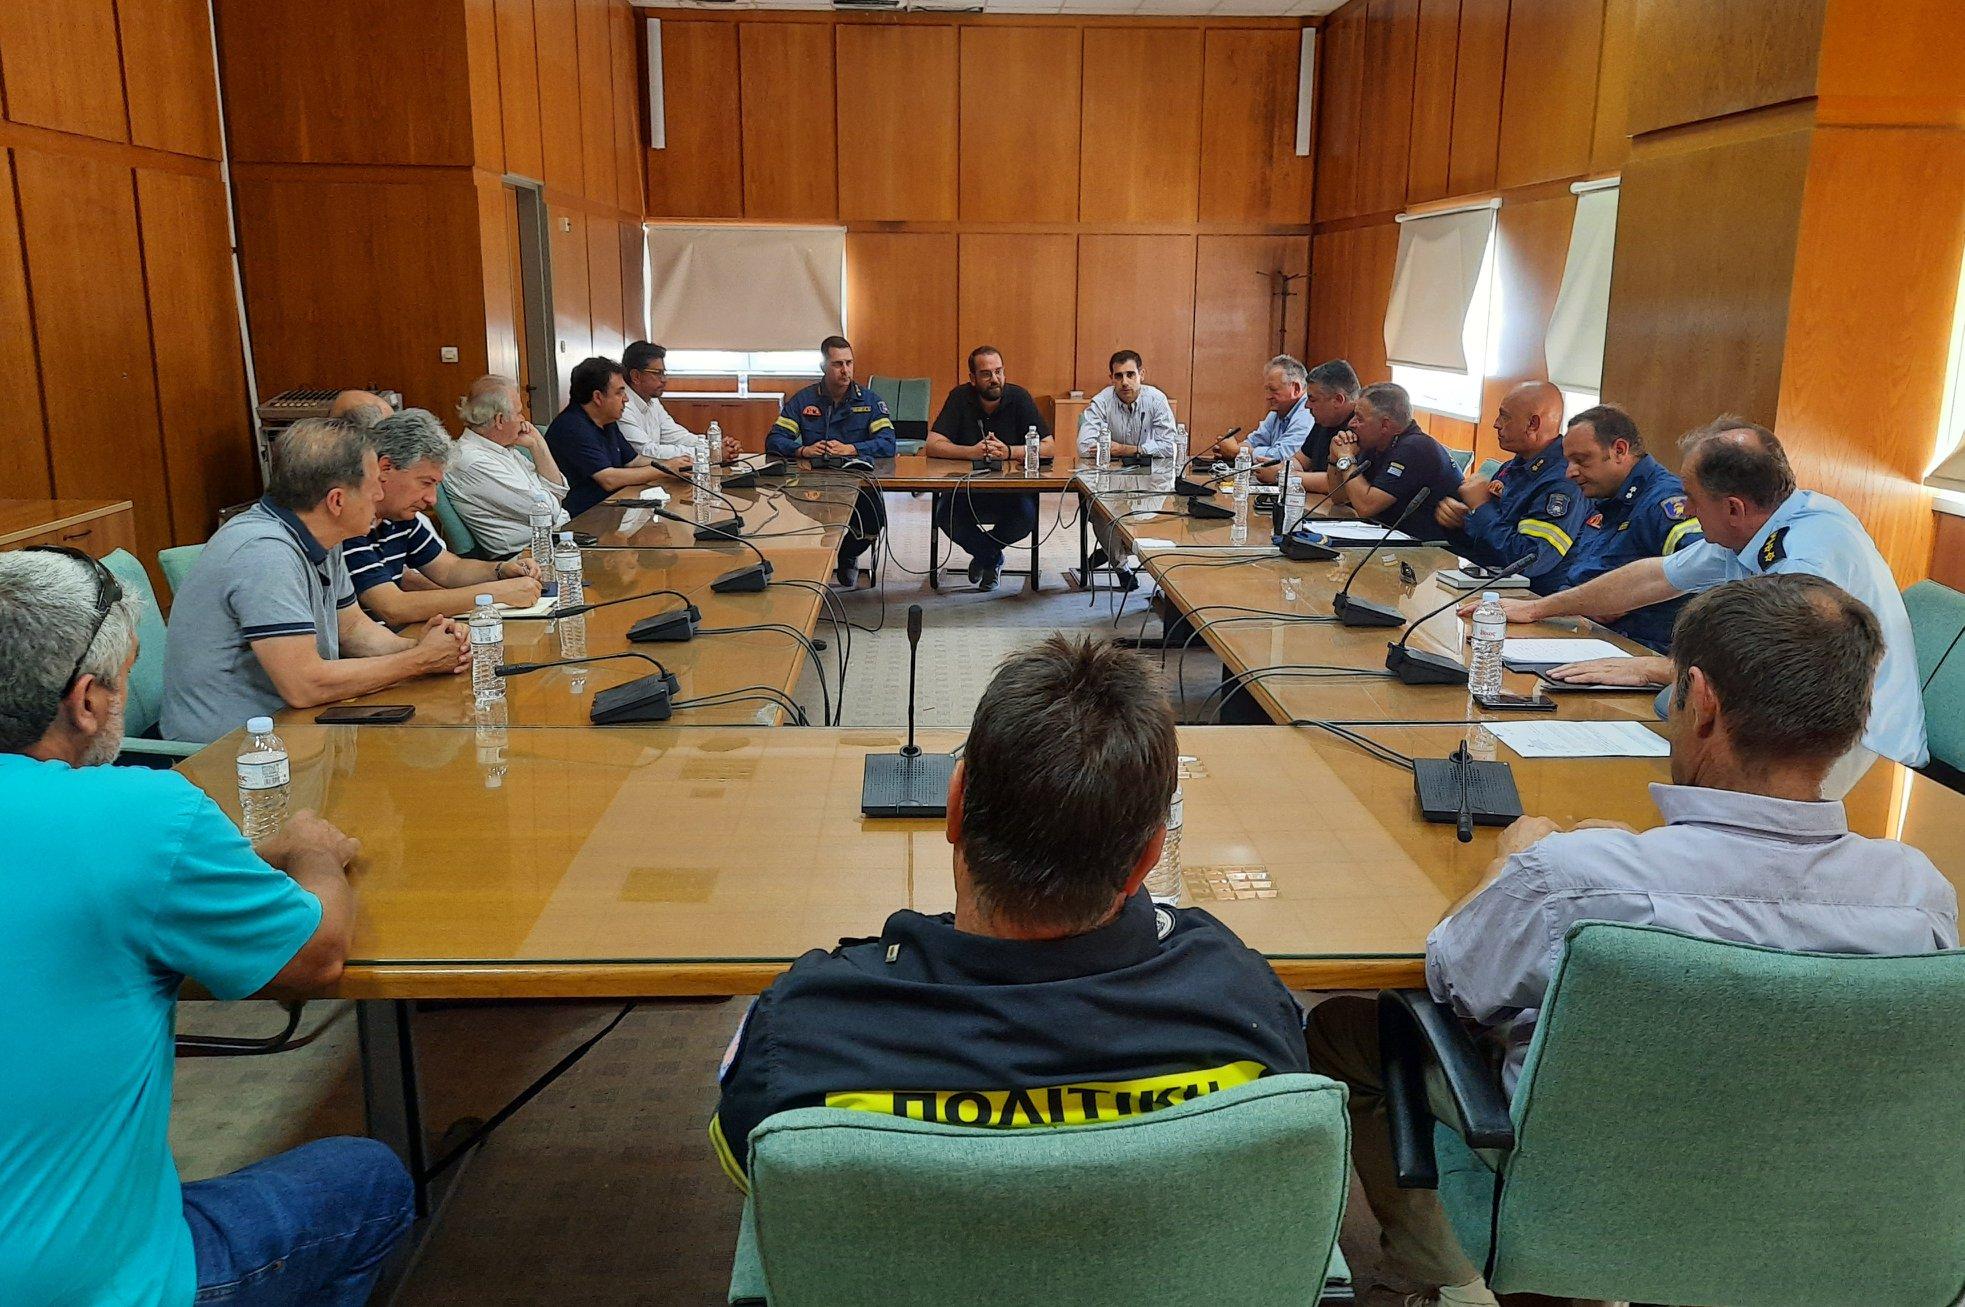 Πύργος: Σύσκεψη στην ΠΕ Ηλείας υπό τον Περιφερειάρχη για τις πυρκαγιές- Νεκτάριος Φαρμάκης: «Παραμένουμε σε διαρκή επιφυλακή, πρώτη προτεραιότητα η προστασία του τόπου μας»